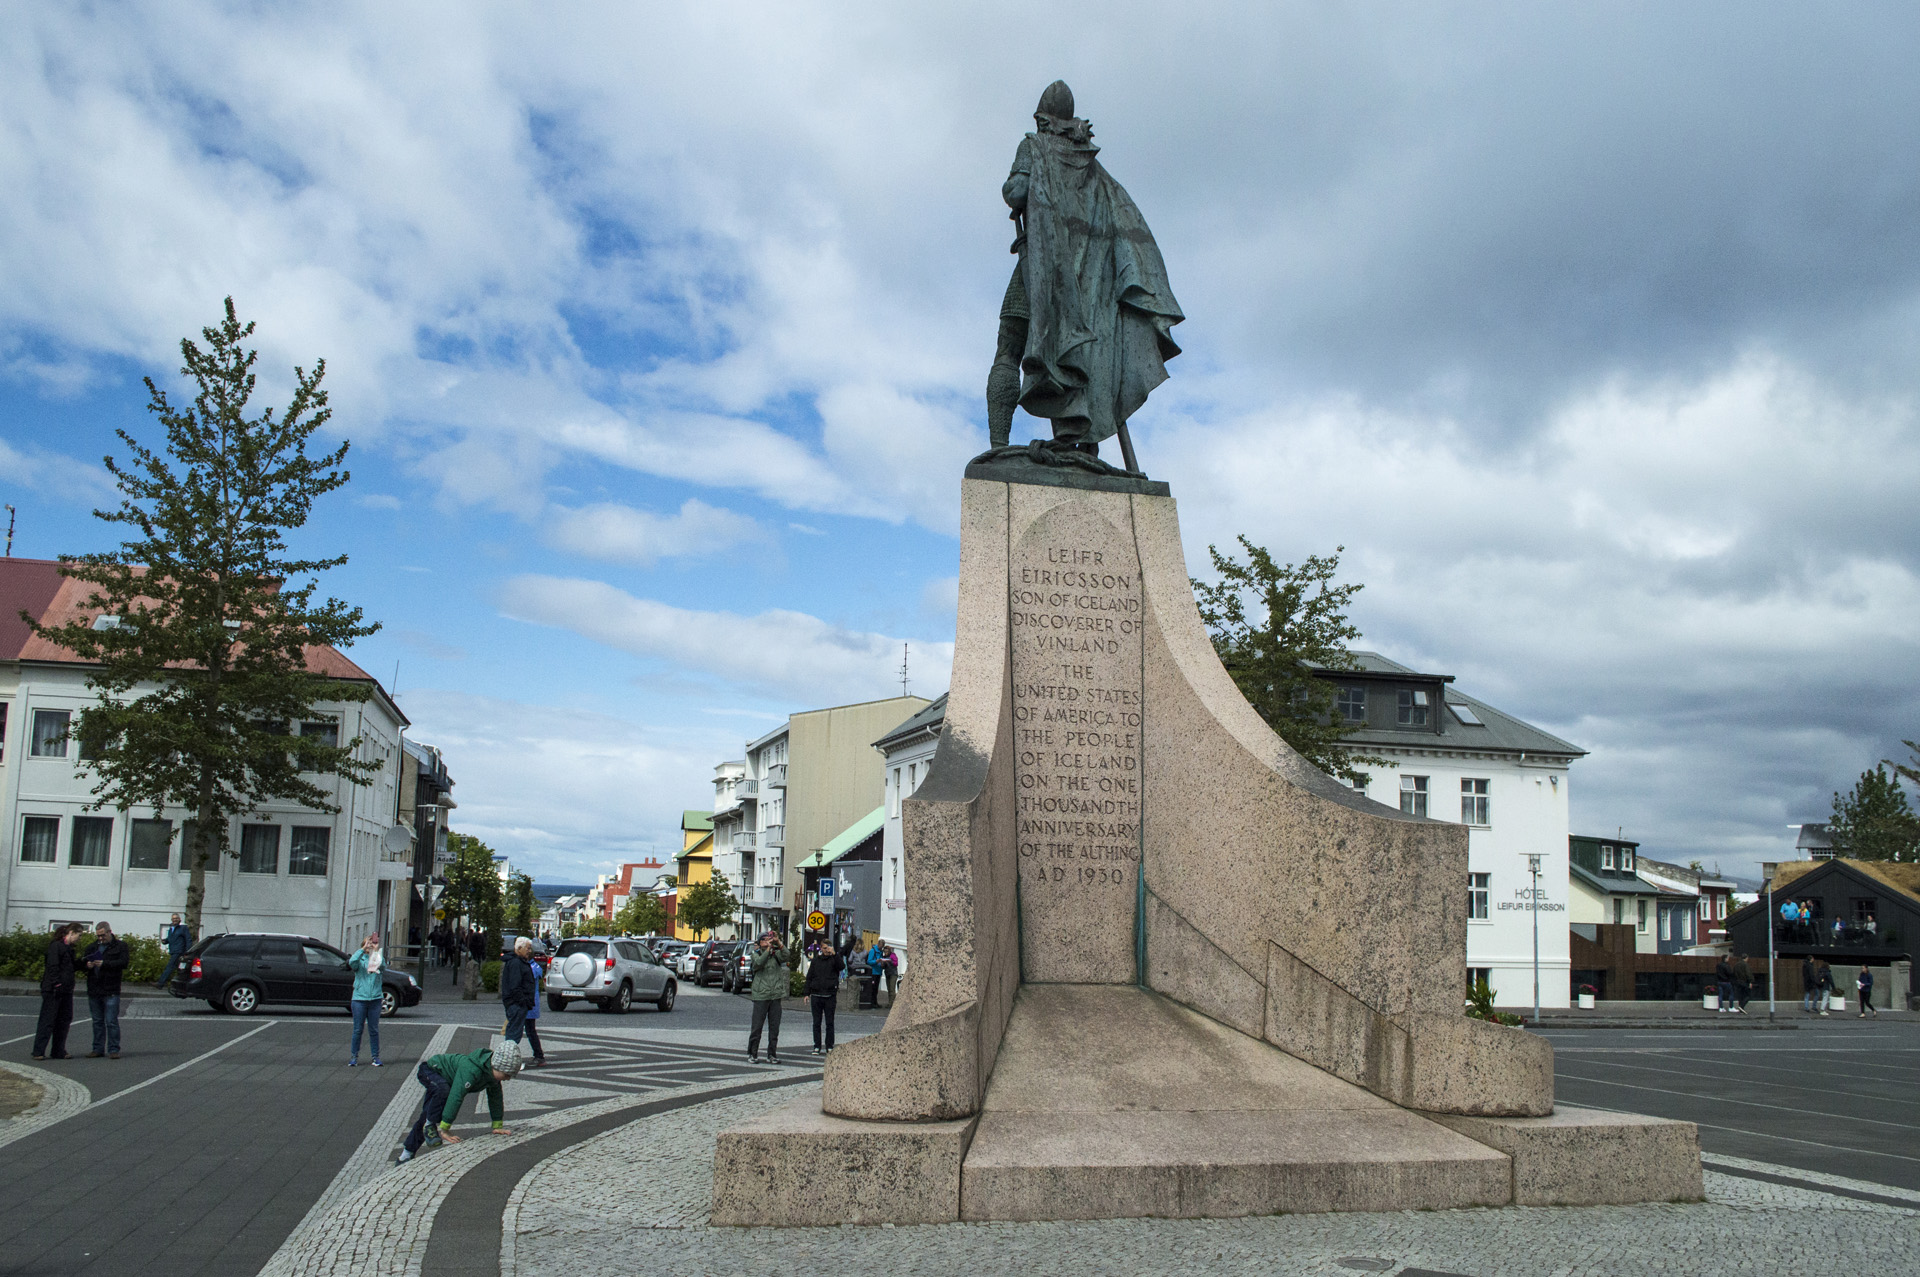 The statue of Leif Eríksson faces Skólavörðustigur, Reykjavík, Iceland.